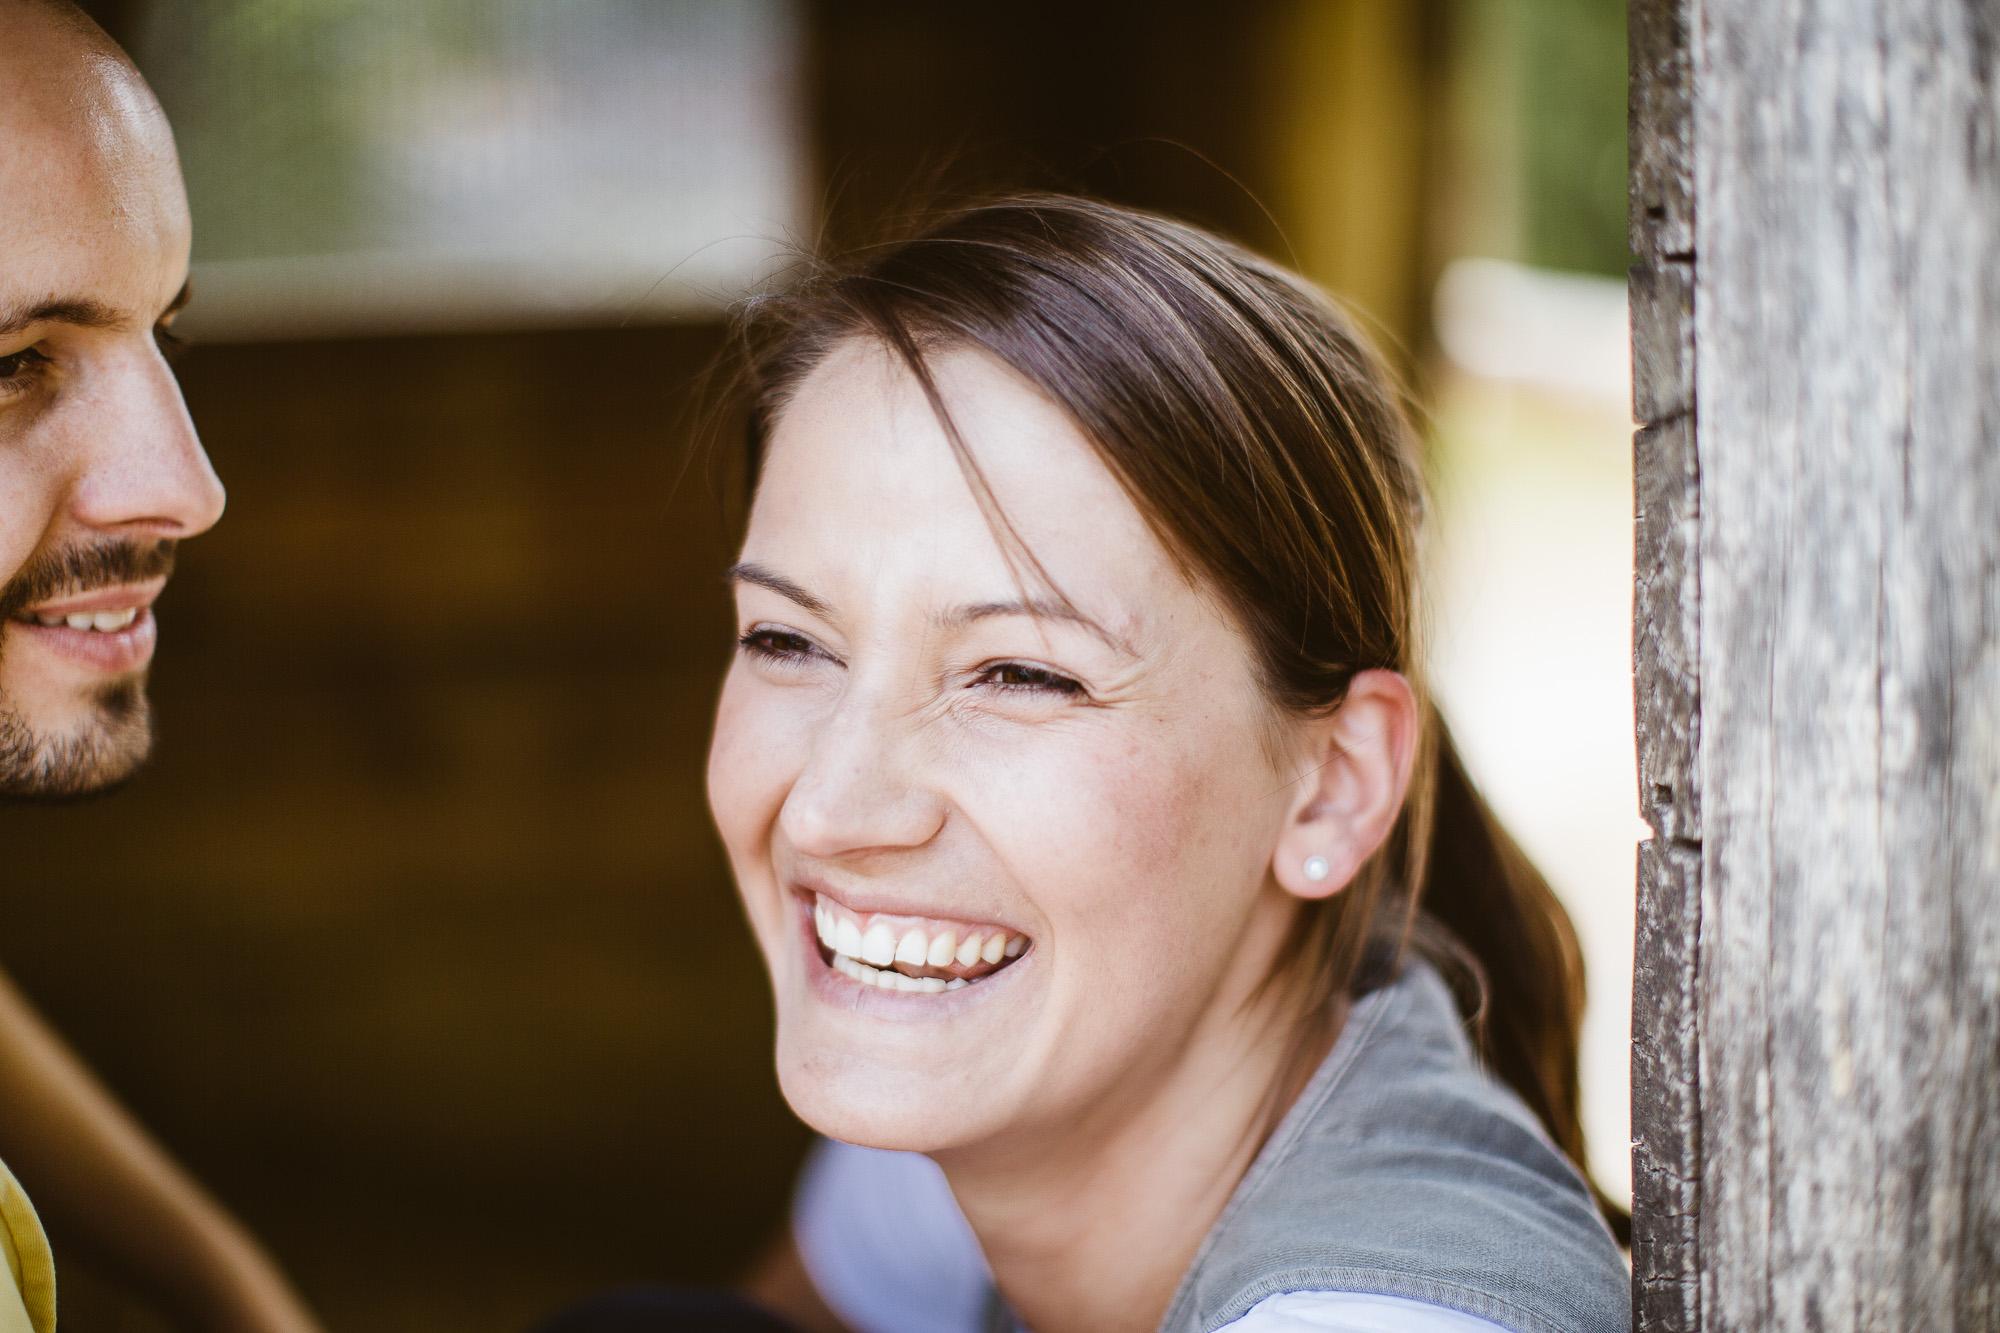 Tina-und-Paul-Engagement-Foto-Avec-Amis-58